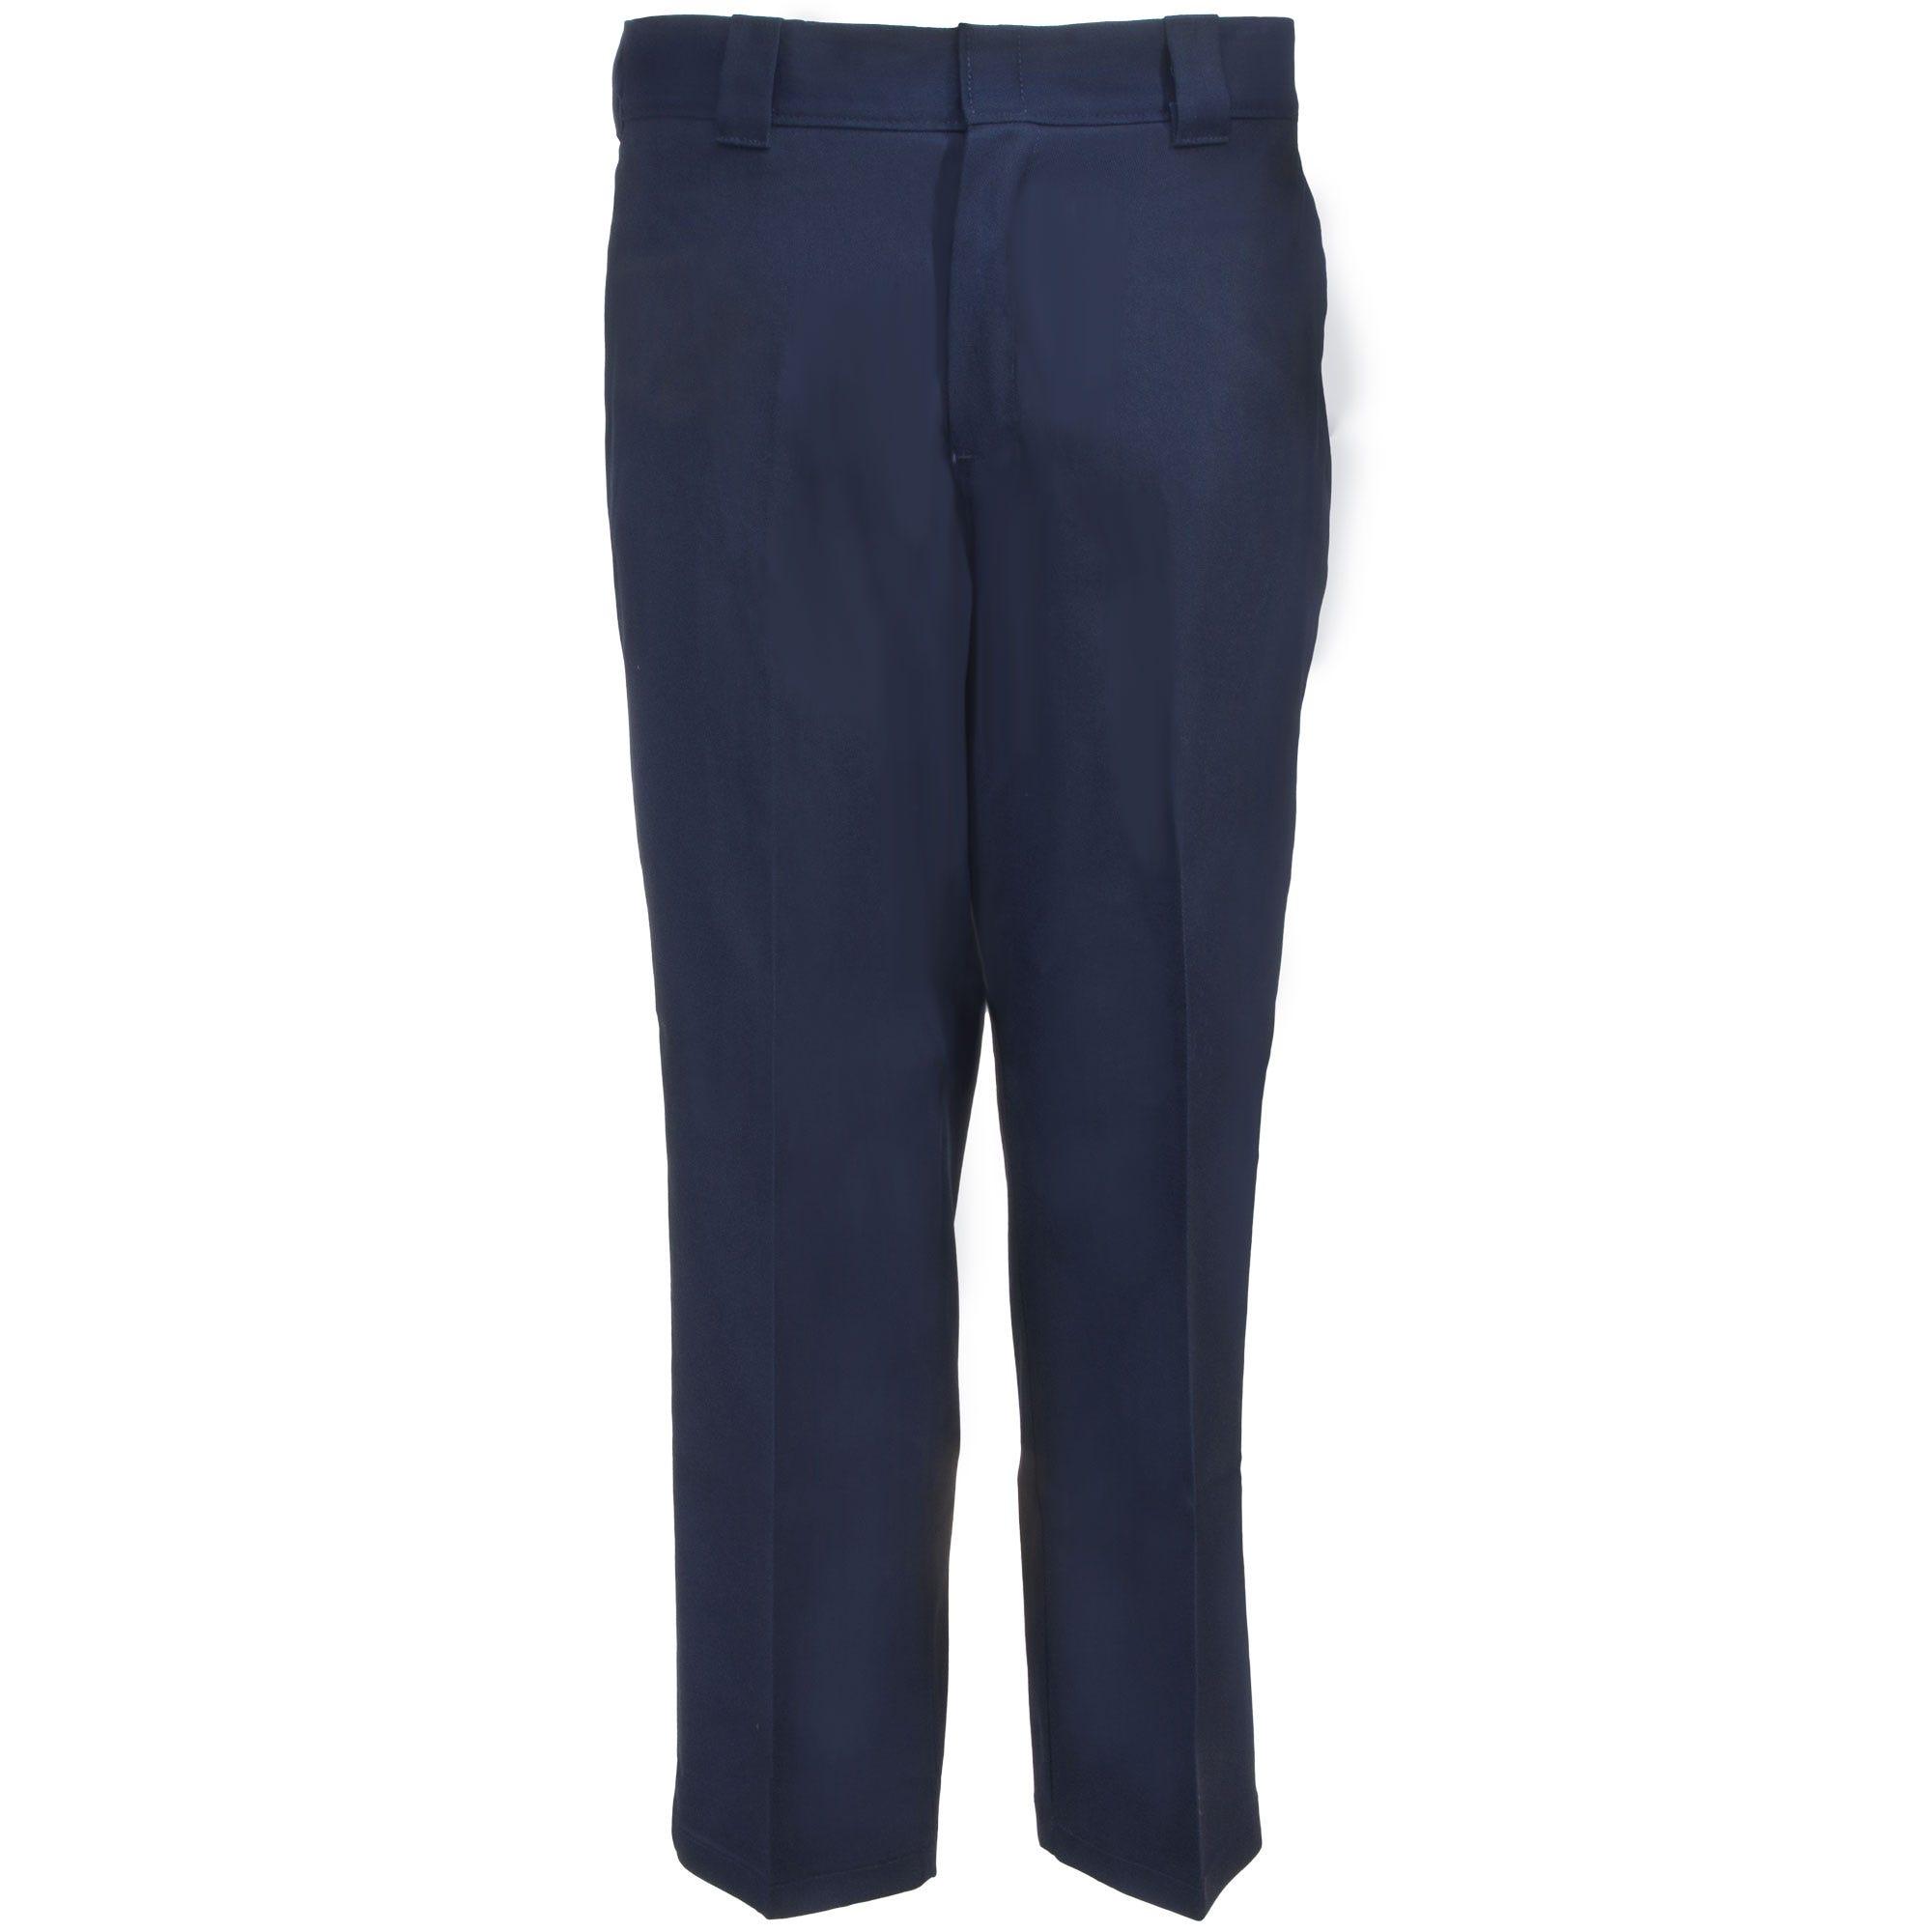 Dickies 874 FDN Dark Navy Wrinkle-Resistant Stain Release Work Pants